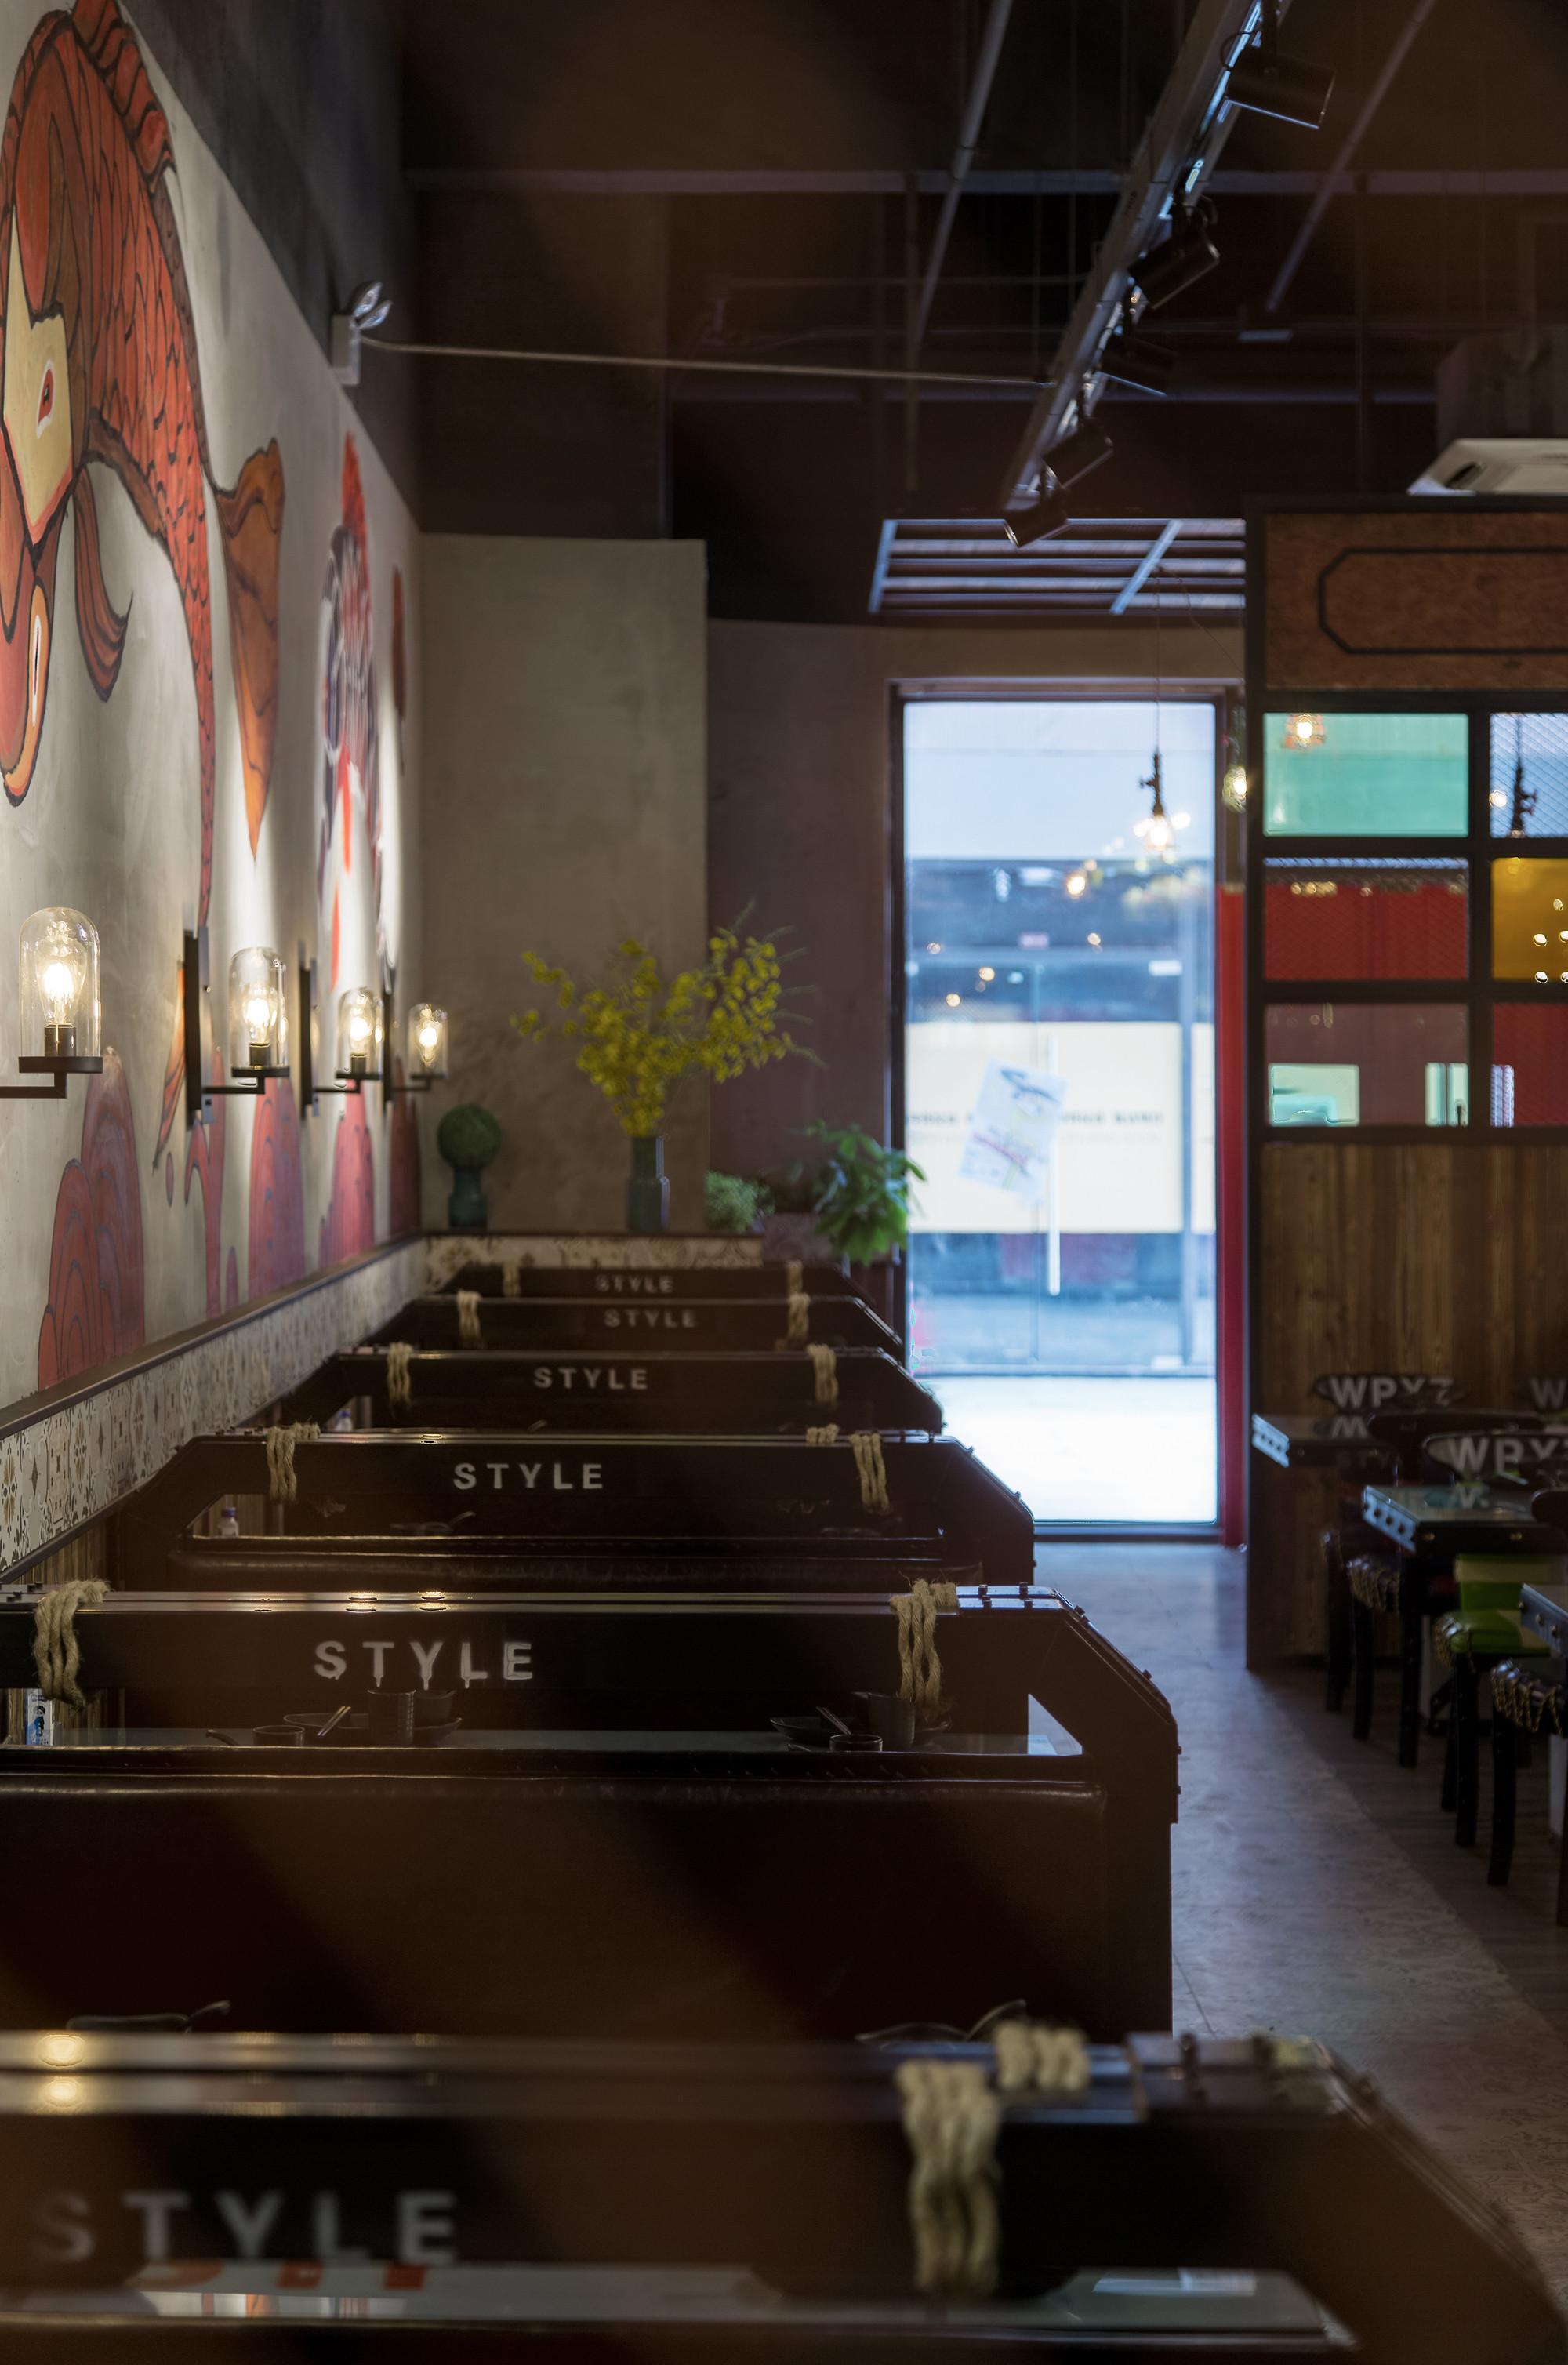 鲈鱼主题餐厅装修壁灯设计